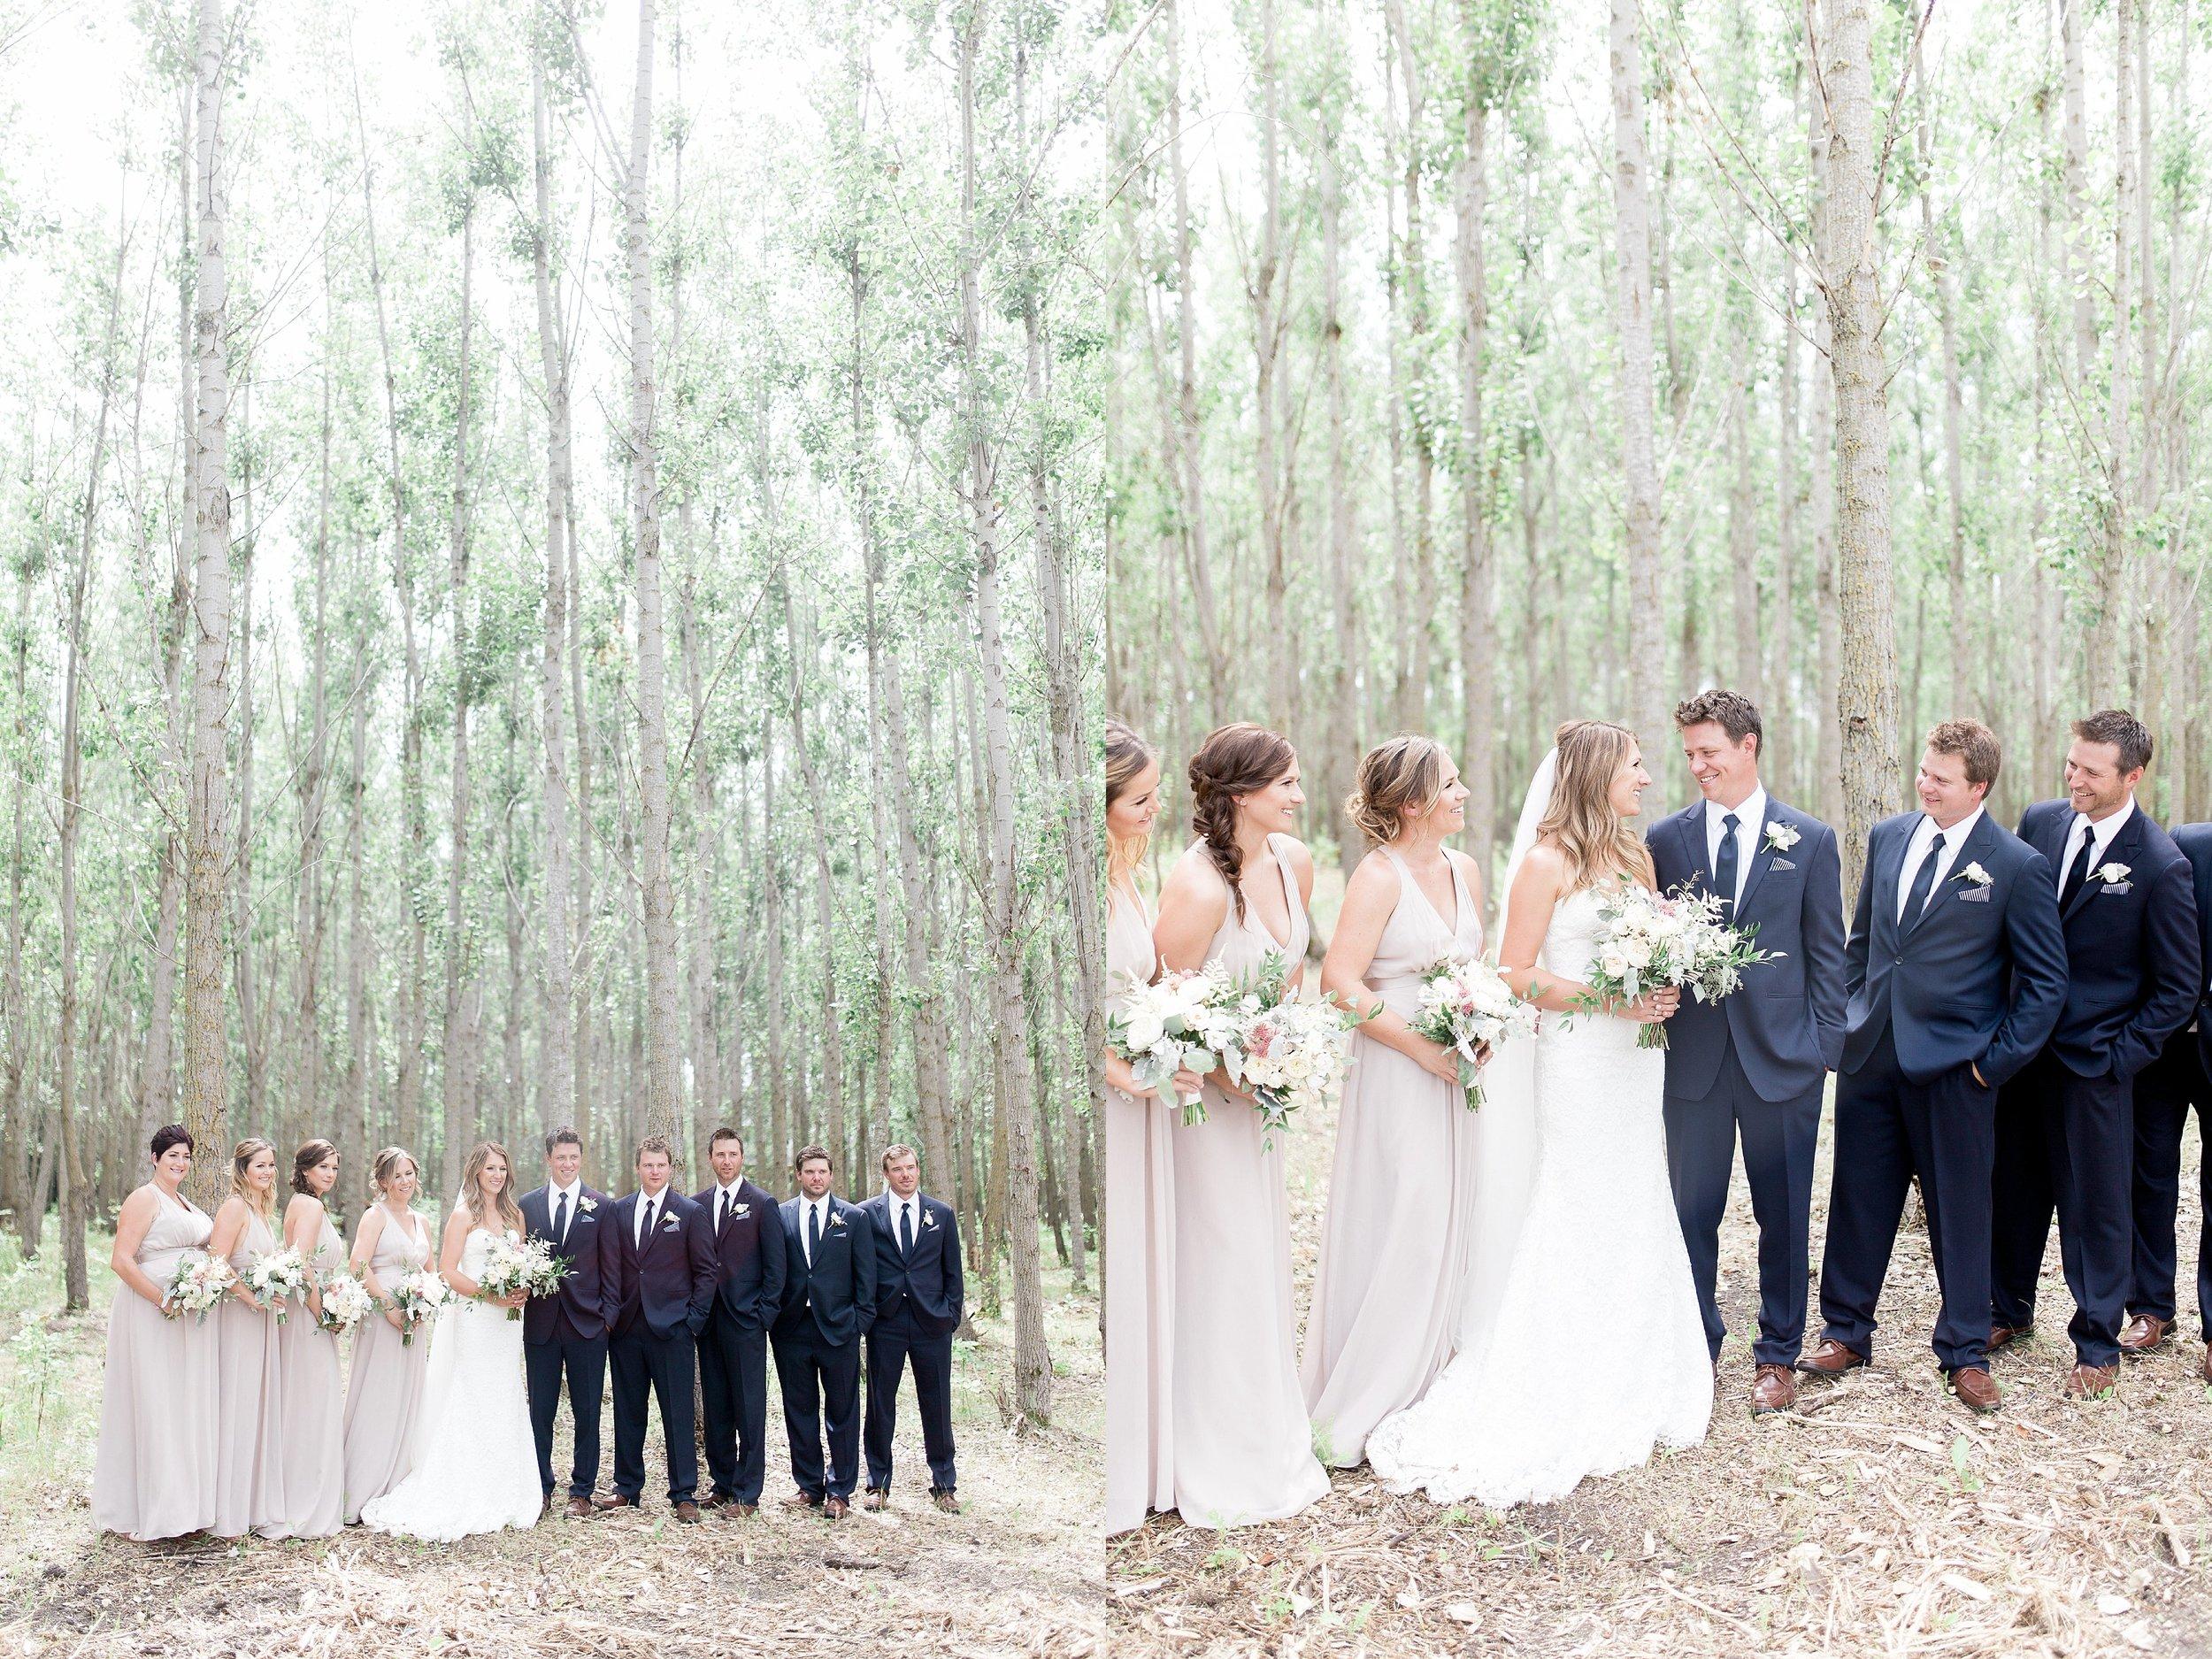 Toronto Wedding Photographer Keila Marie Photography   Bridal party photos  Garden inspired wedding